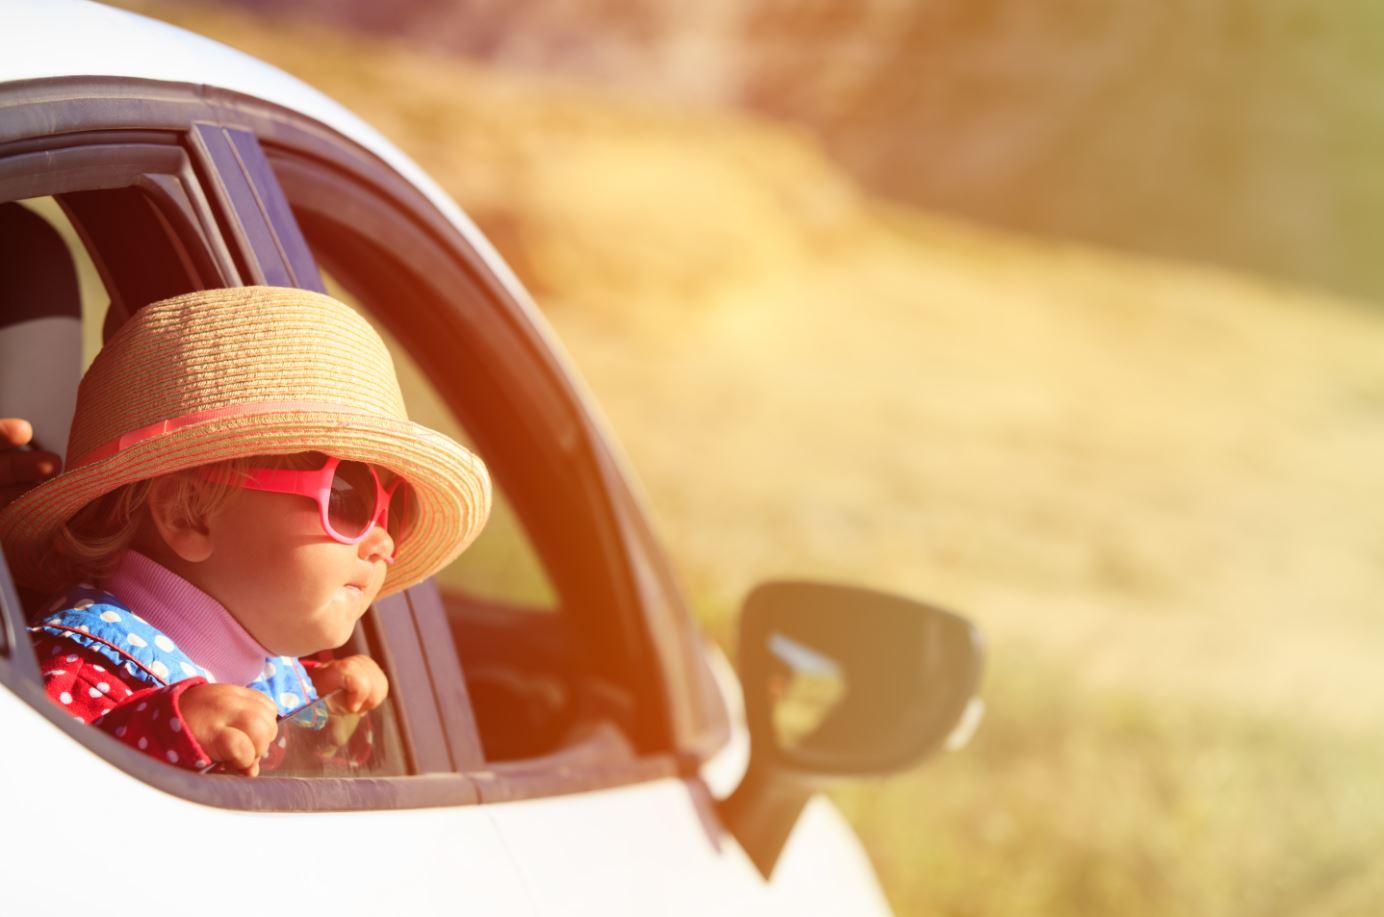 Baby schaut aus dem Auto